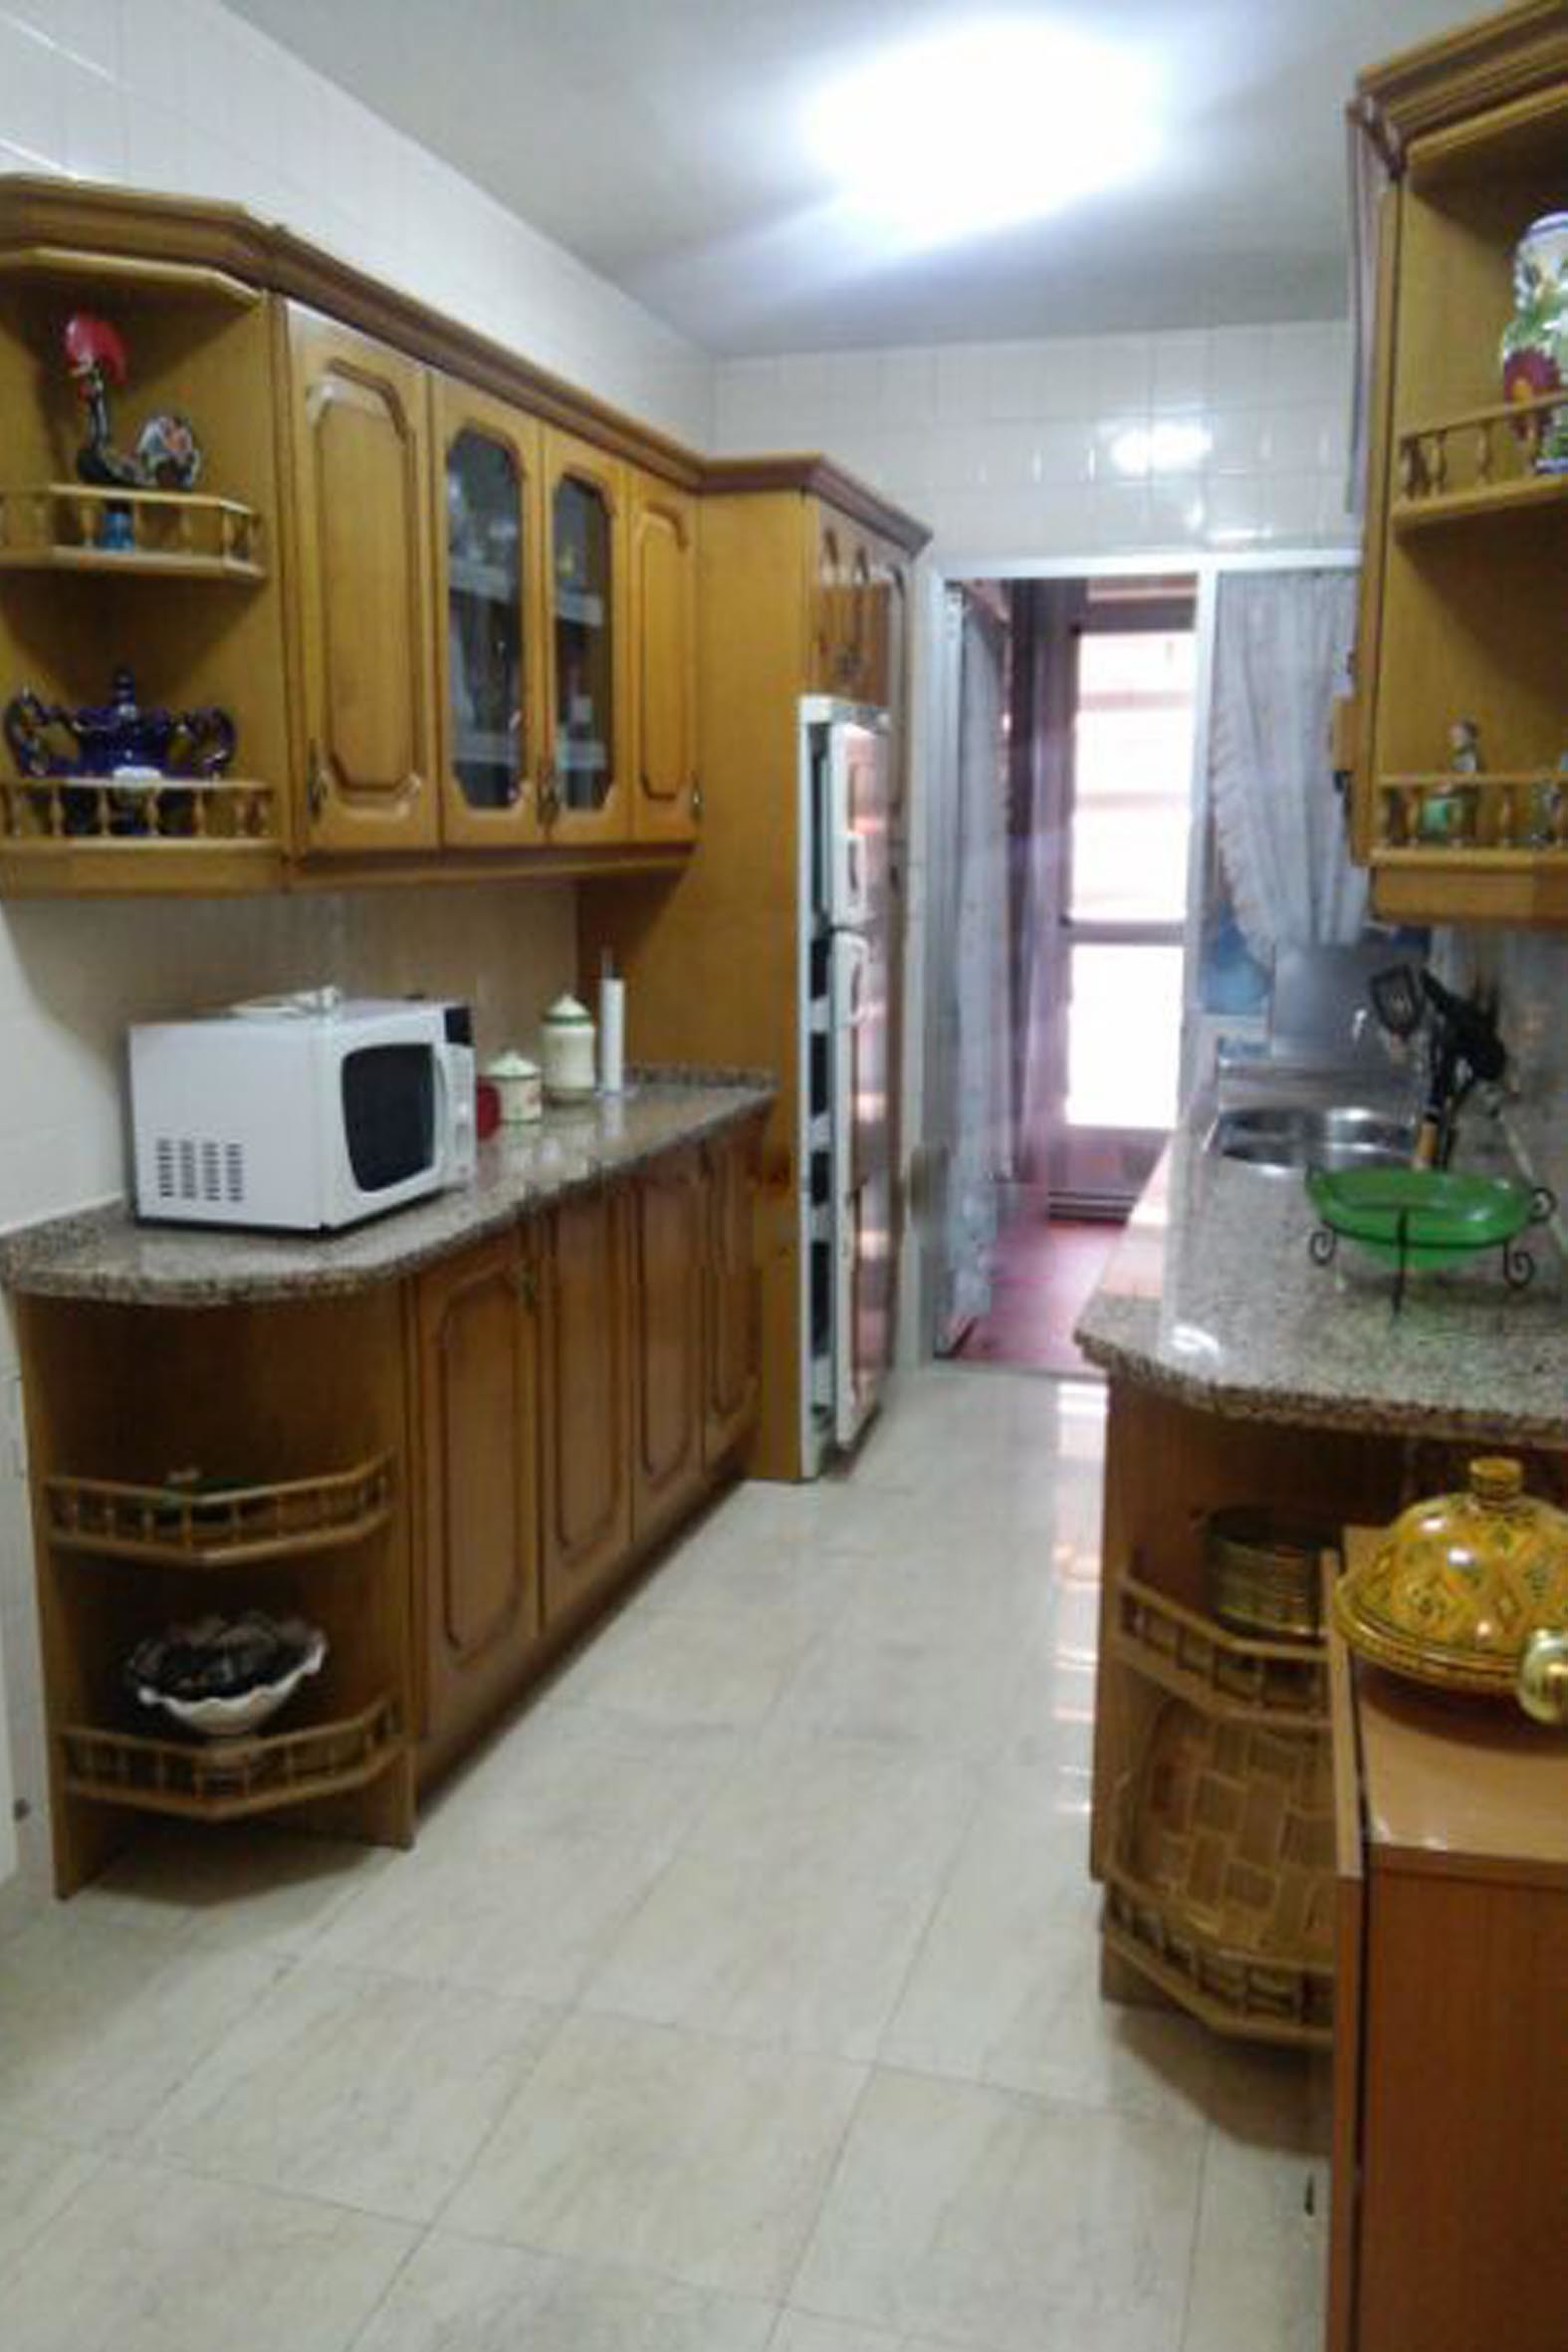 habitacion-caceres-c371af4ffec0b85862902